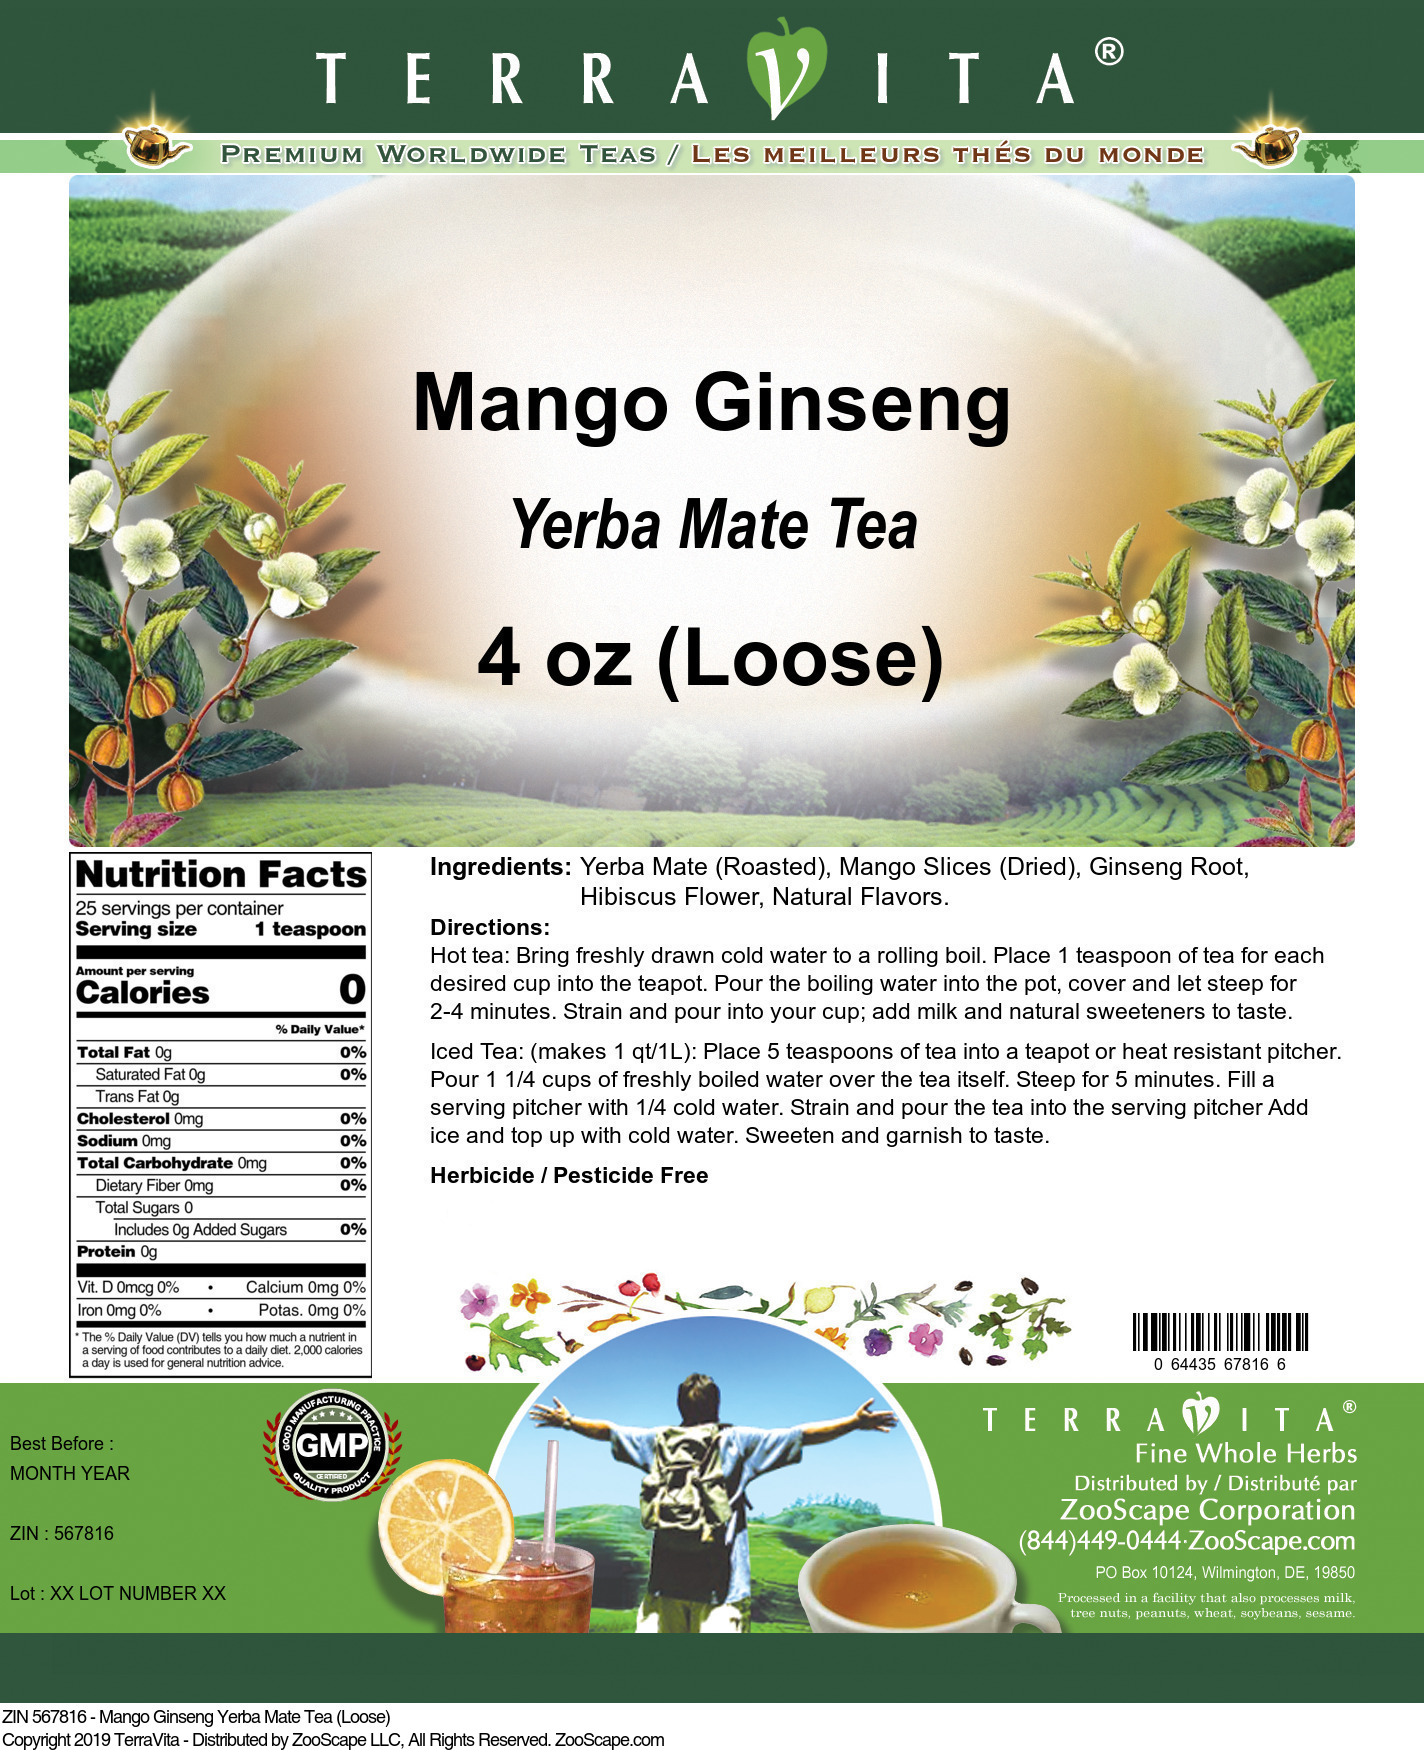 Mango Ginseng Yerba Mate